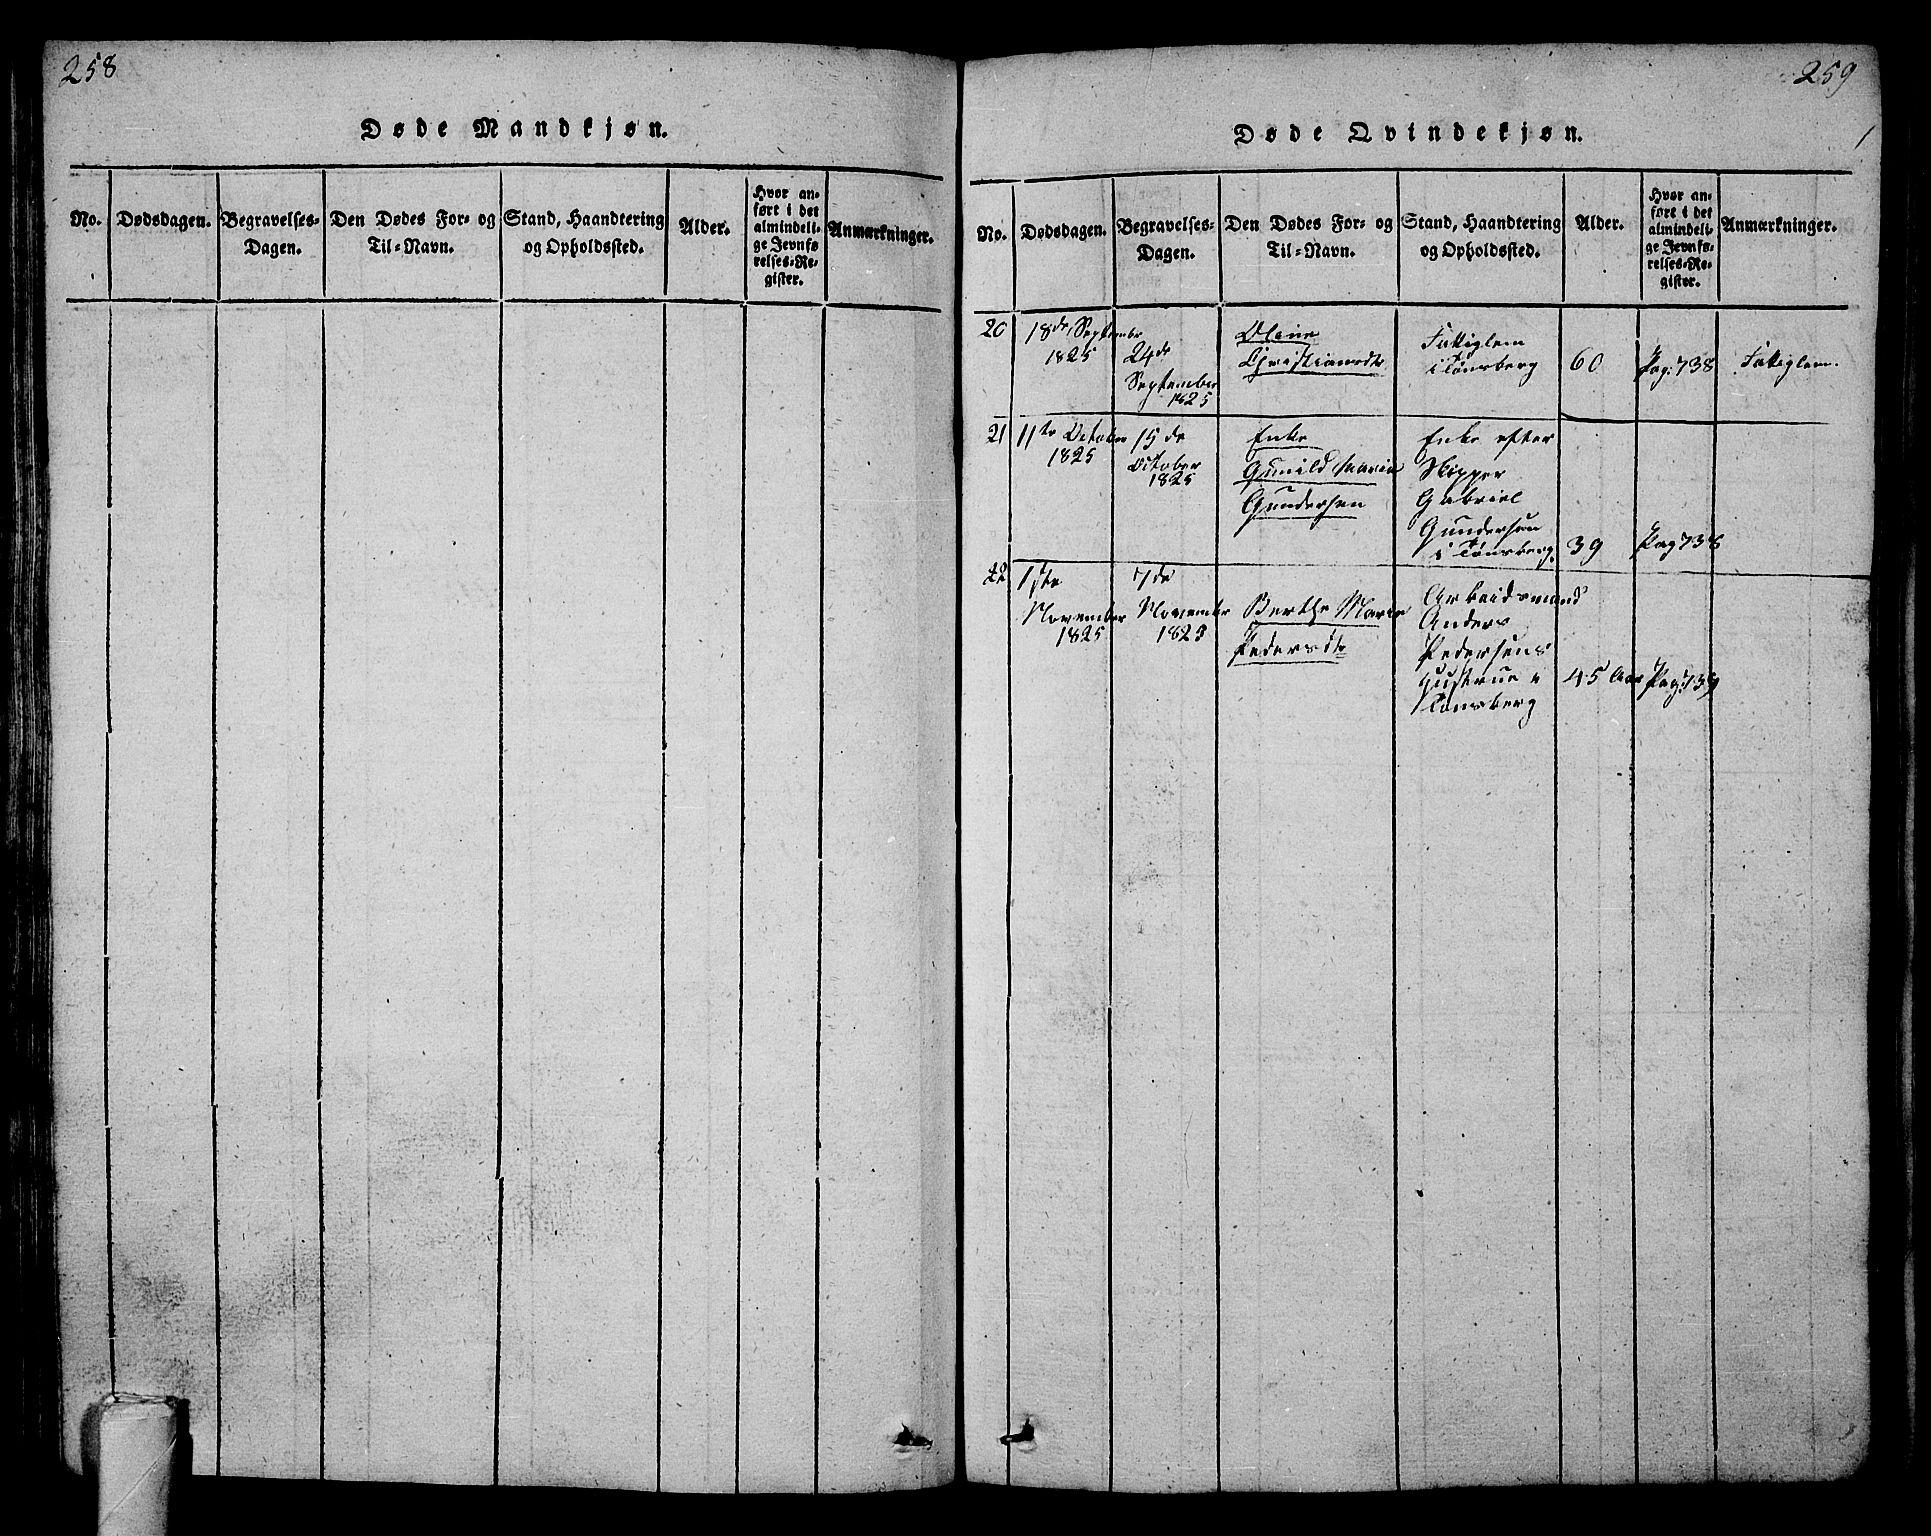 SAKO, Tønsberg kirkebøker, G/Ga/L0001: Klokkerbok nr. 1, 1813-1826, s. 258-259